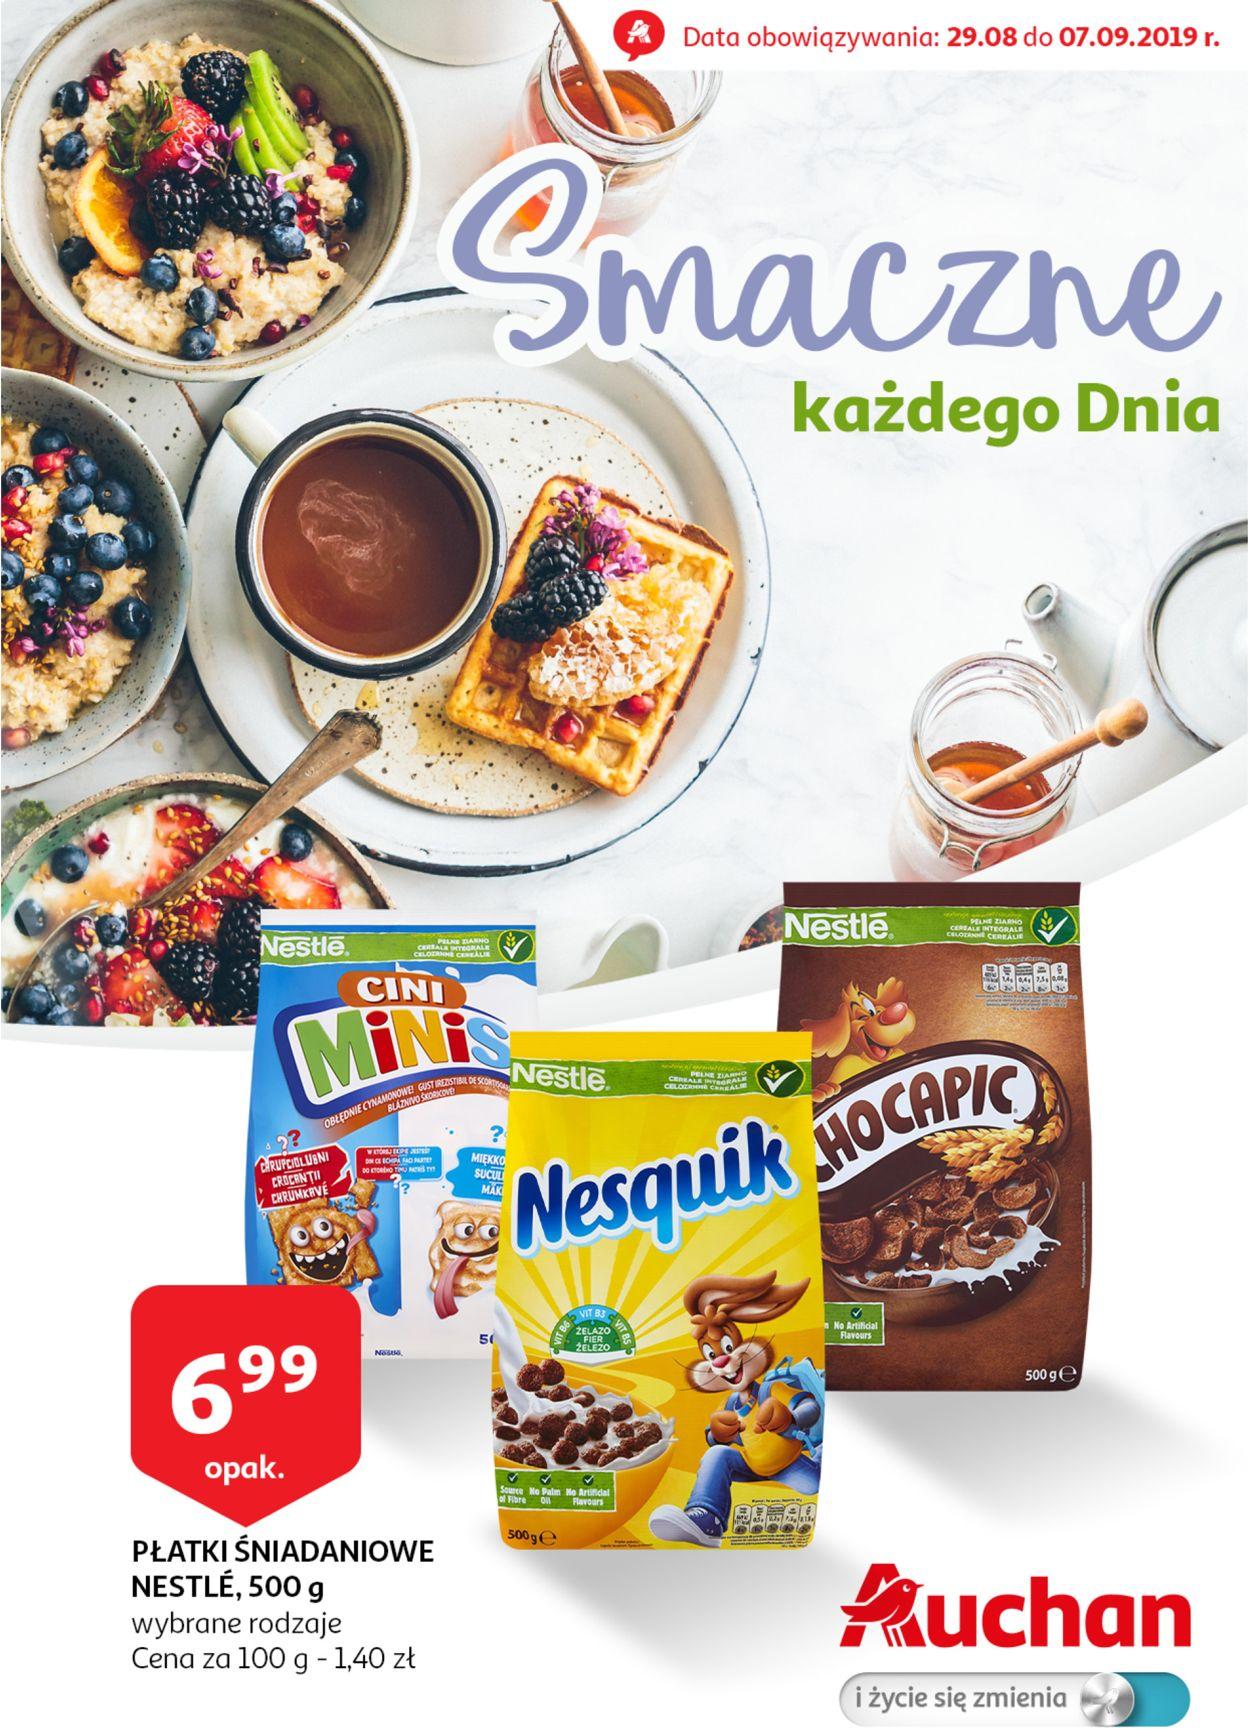 Gazetka promocyjna Auchan - 29.08-07.09.2019